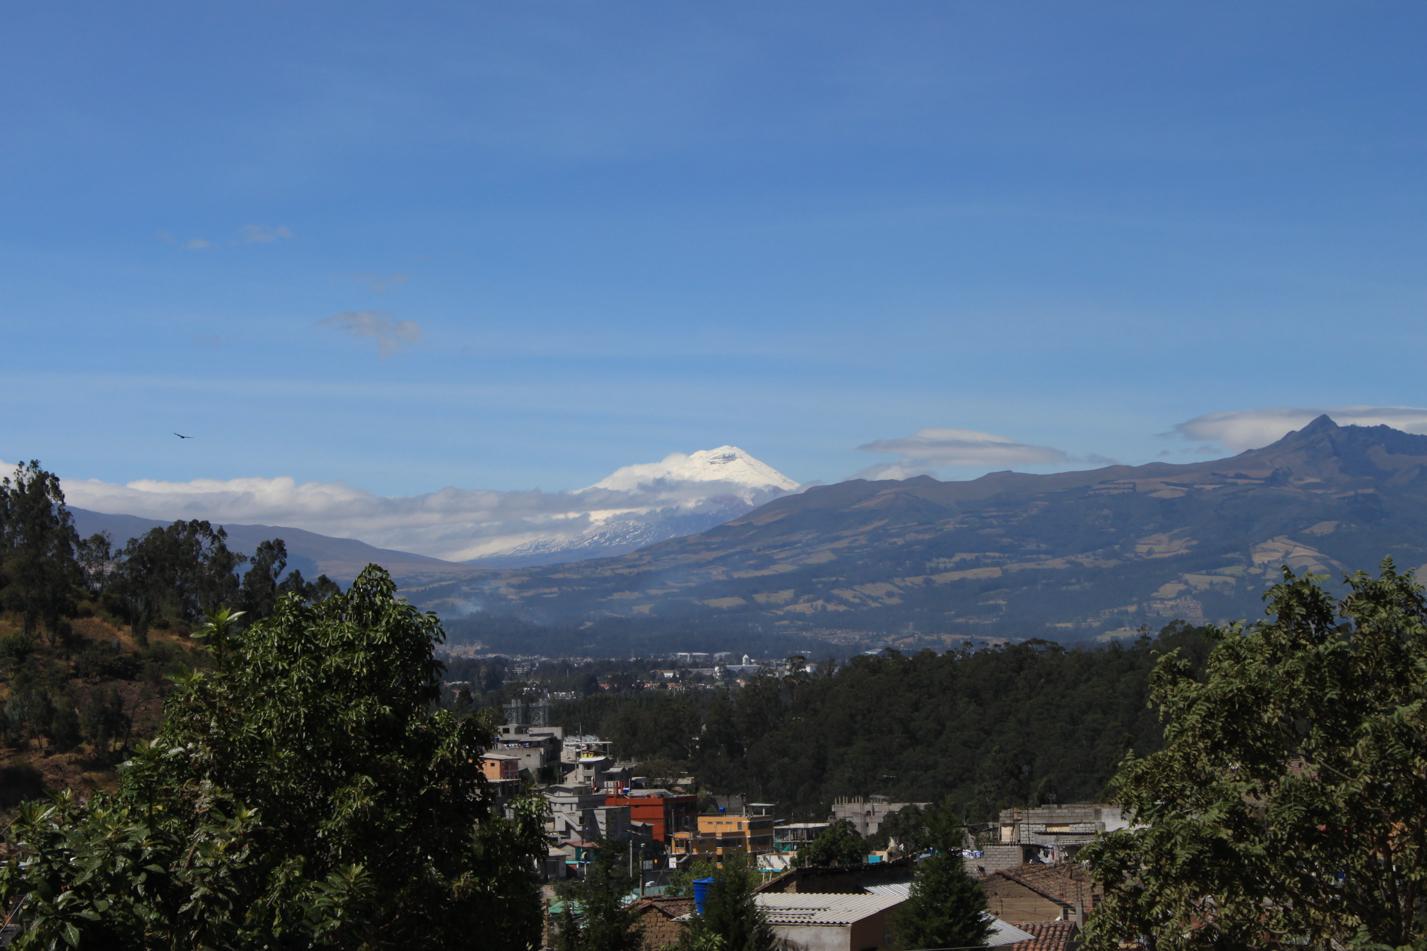 Nach einer Kurve bekamen wir einen guten Blick auf unser Ziel. Der Vulkan Cotopaxi erwartet uns schon.